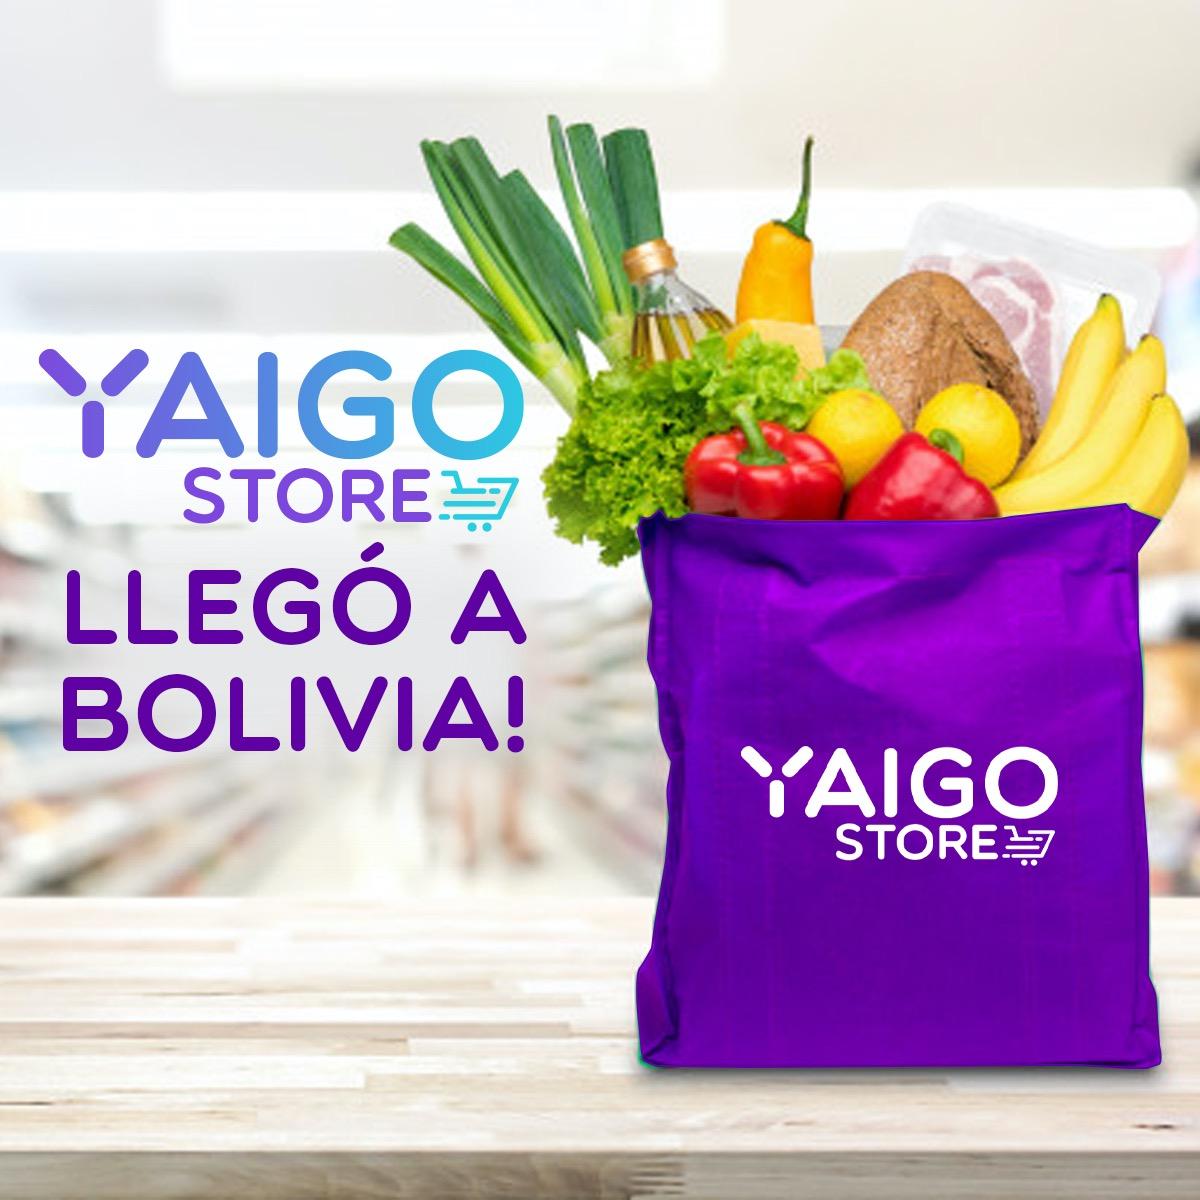 ¡YAIGO Store llegó a Bolivia!